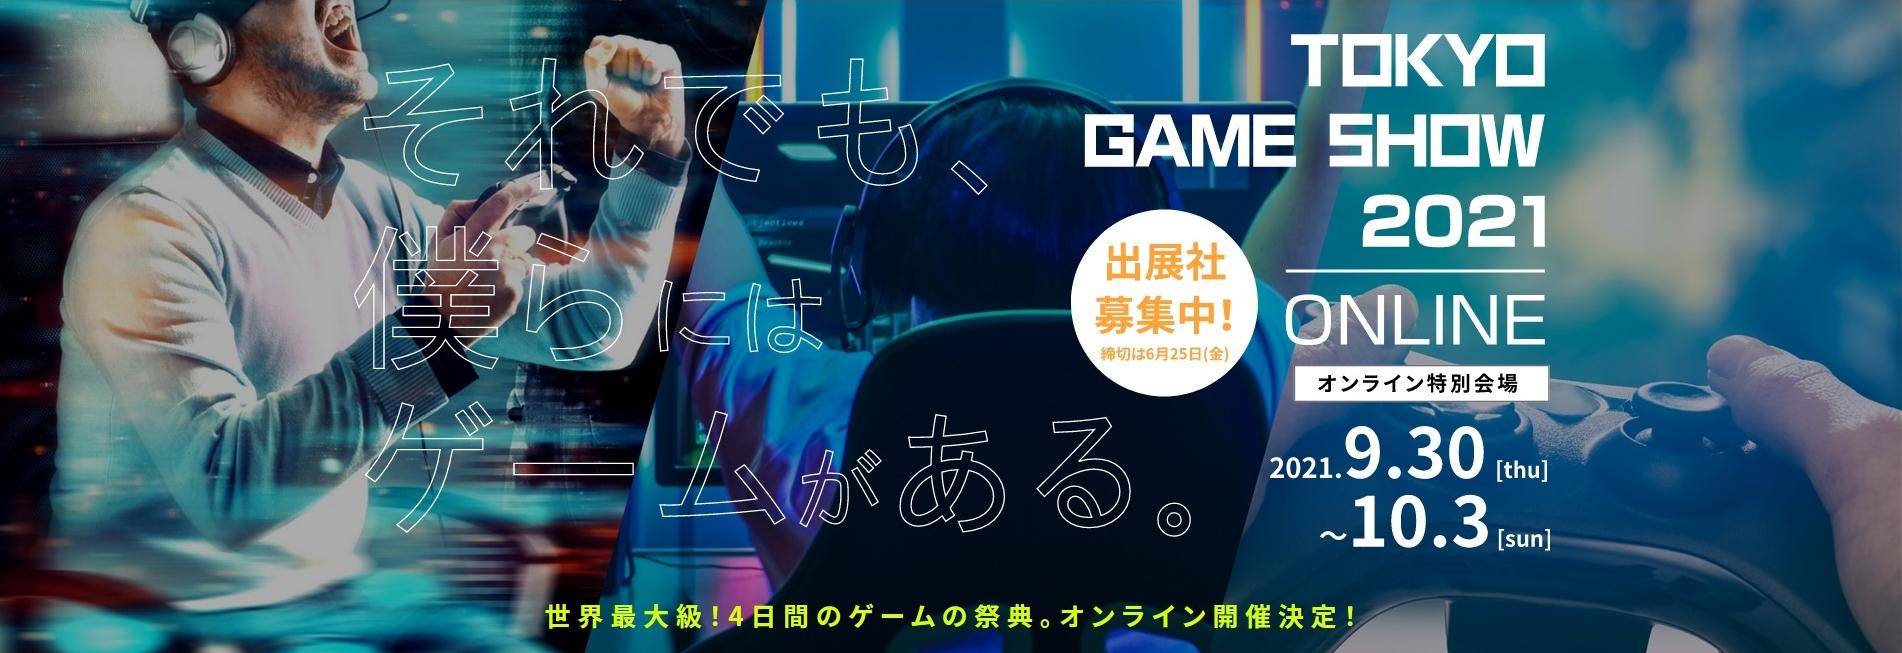 Přehled novinek z Japonska 13. týdne TGS2021